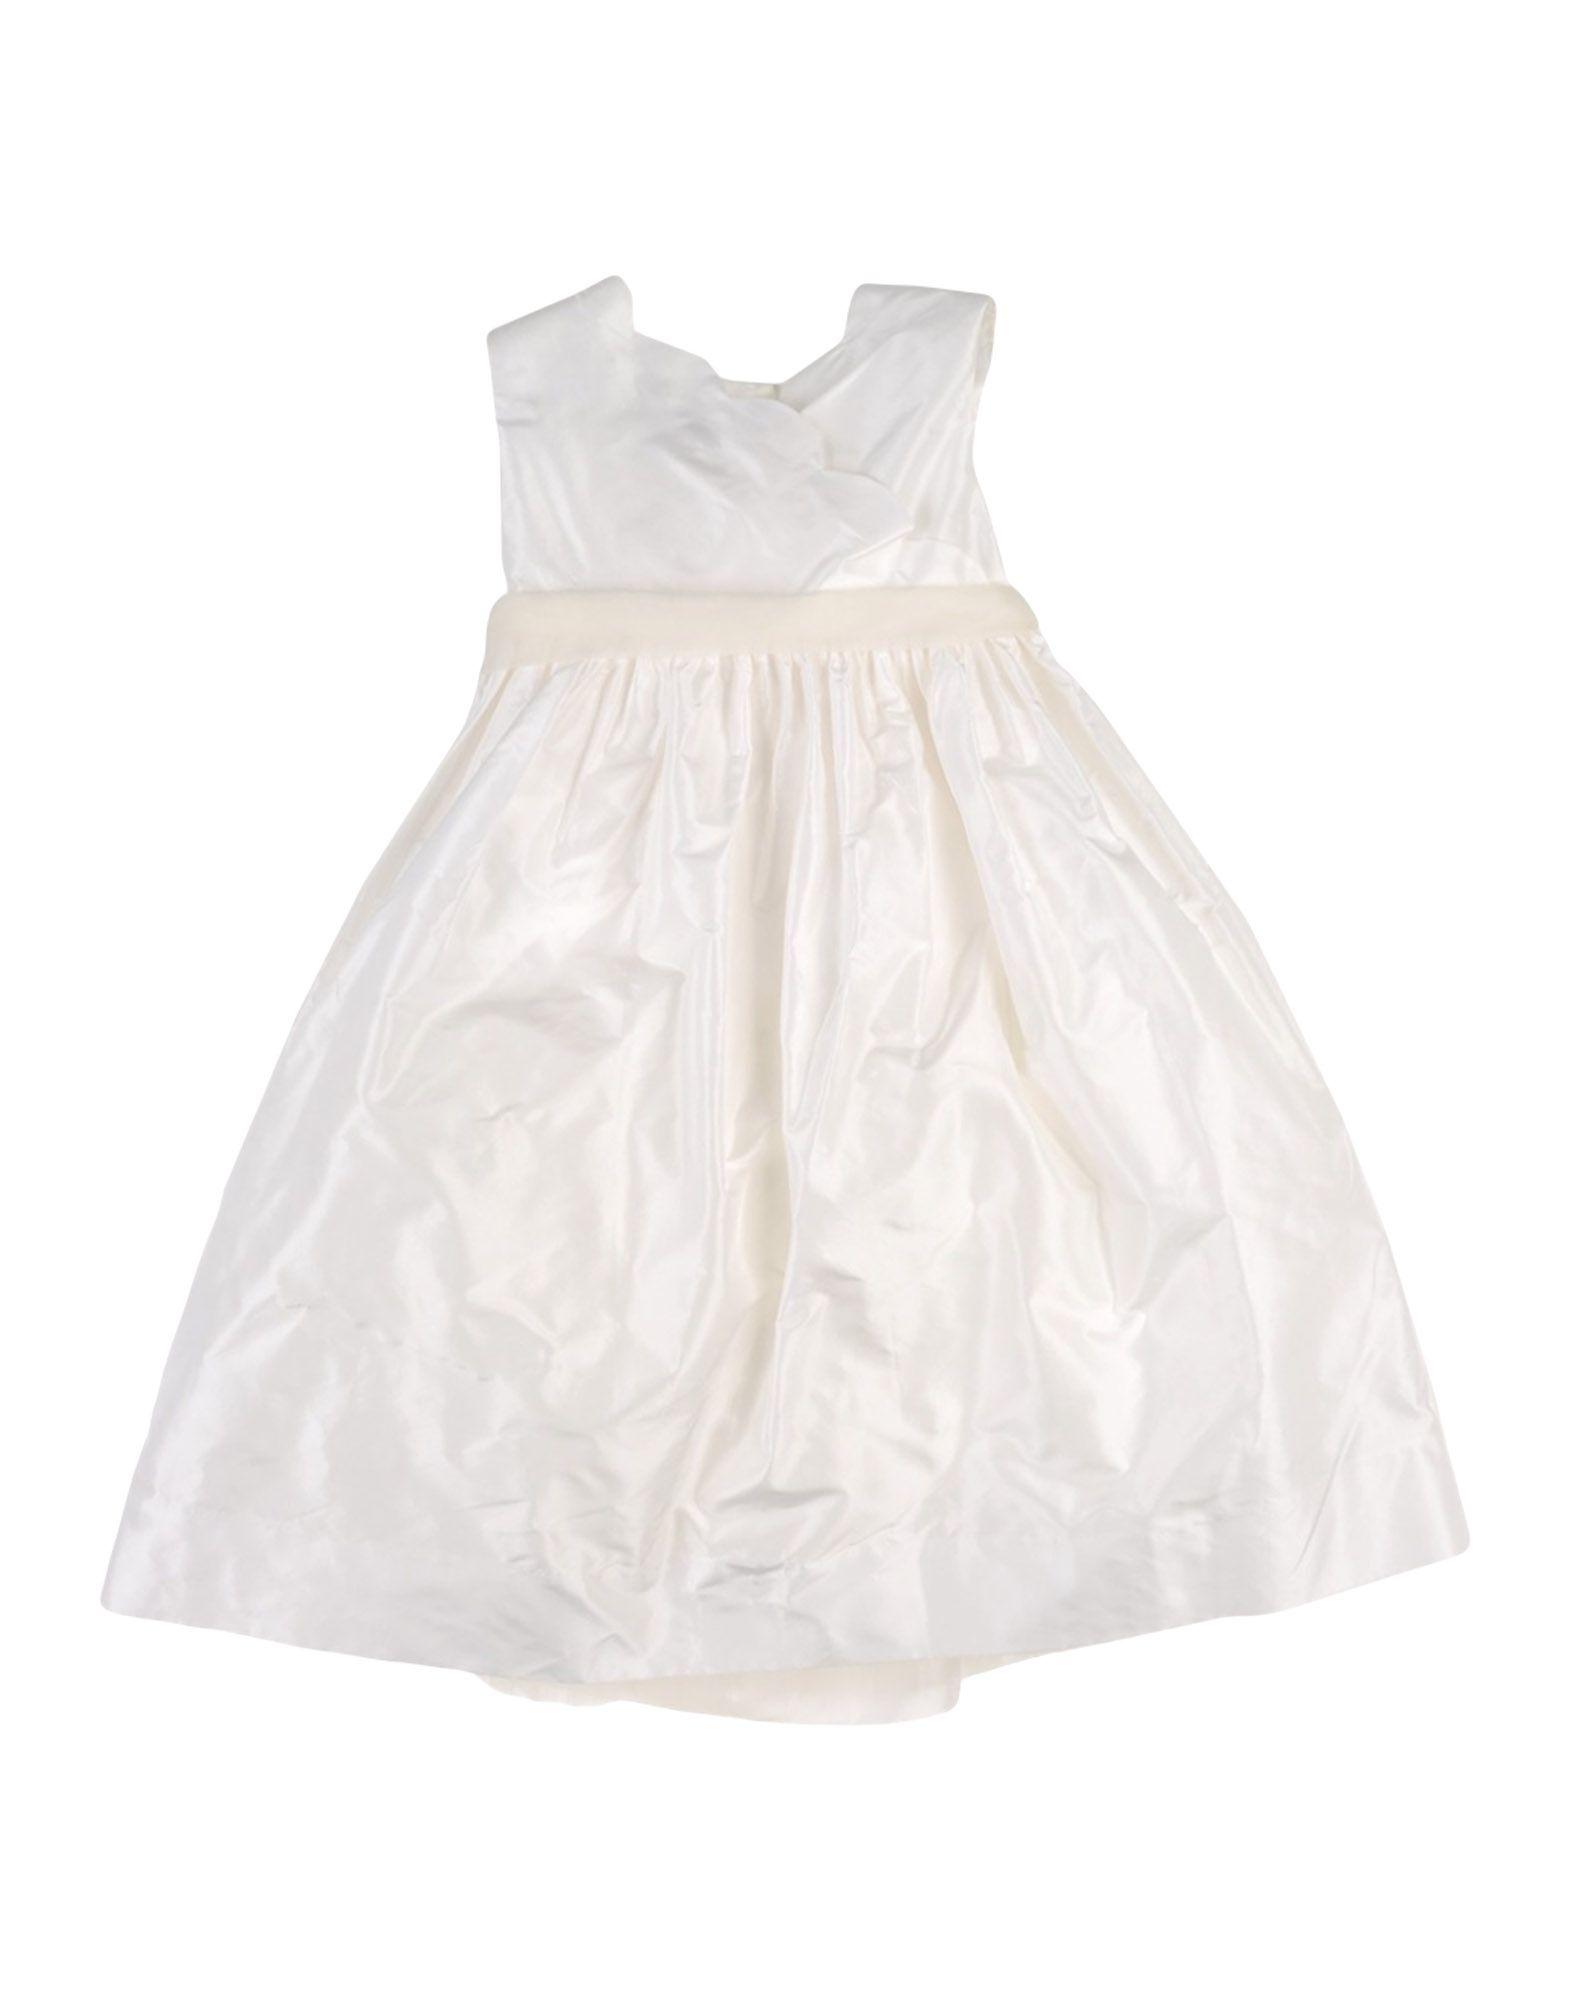 LA STUPENDERIA Mädchen 3-8 jahre Kleid Farbe Weiß Größe 4 - broschei